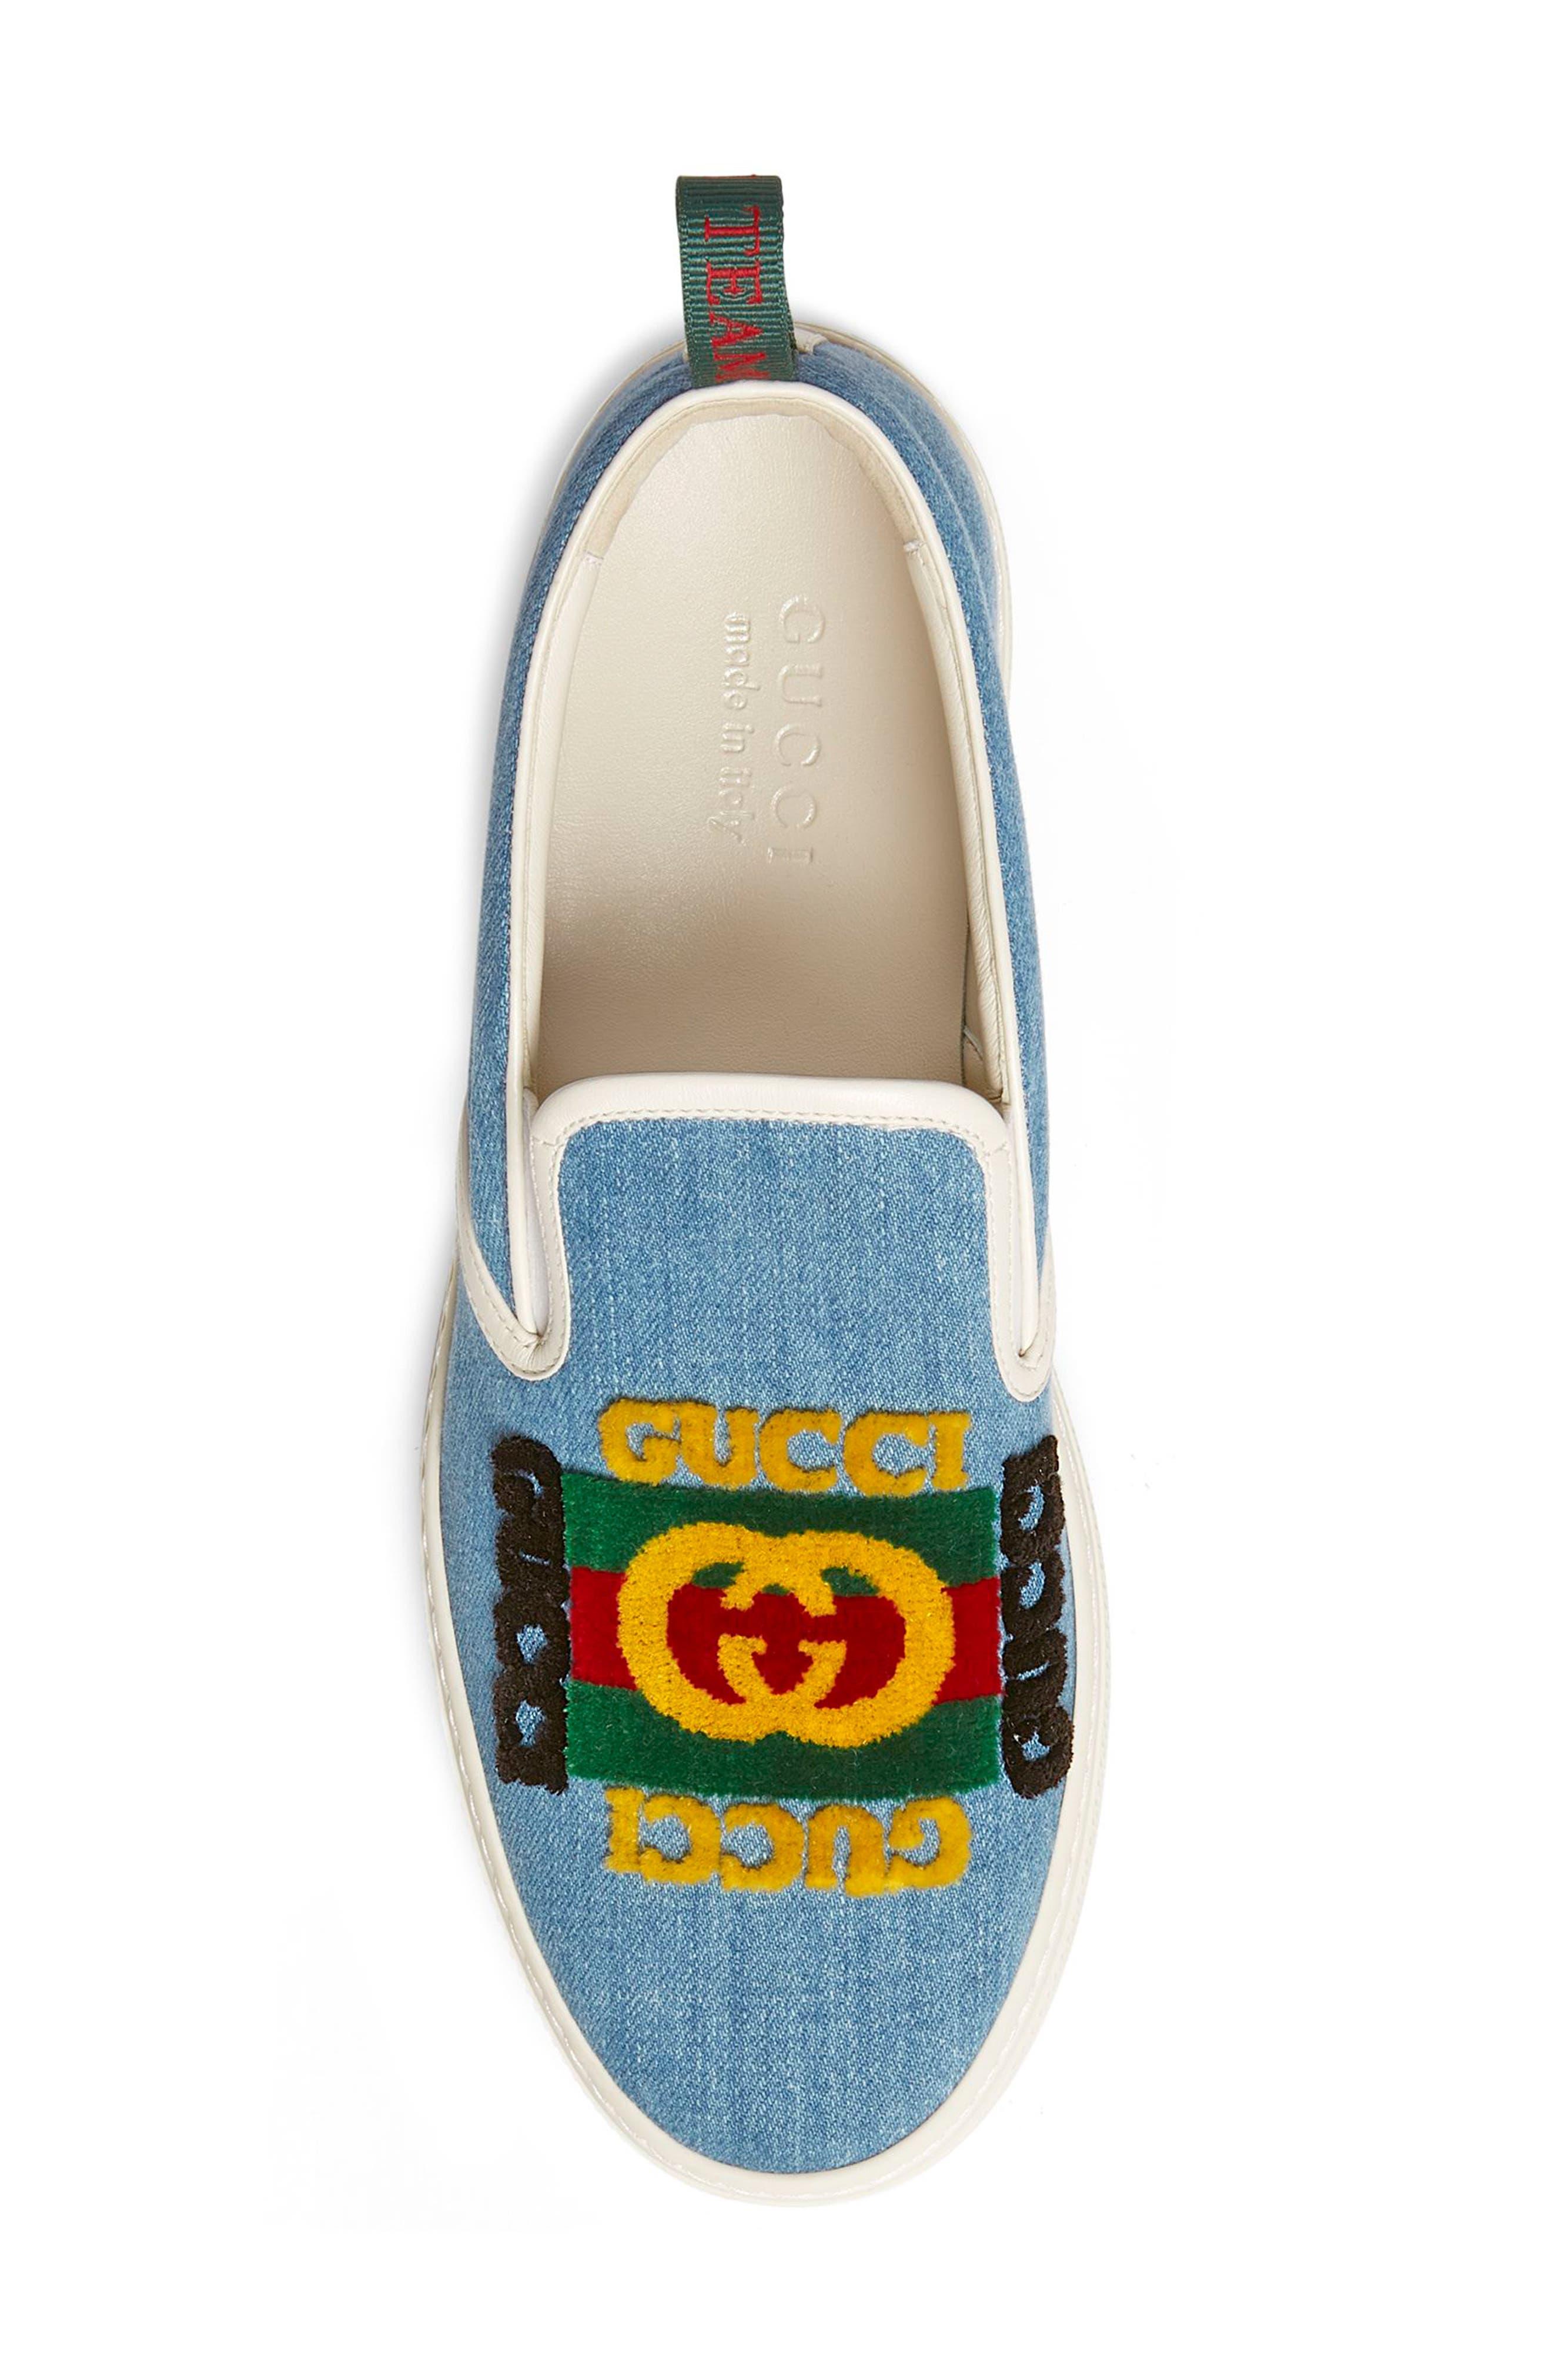 GUCCI, Dublin Slip-On Sneaker, Alternate thumbnail 3, color, BLUE/ BLACK